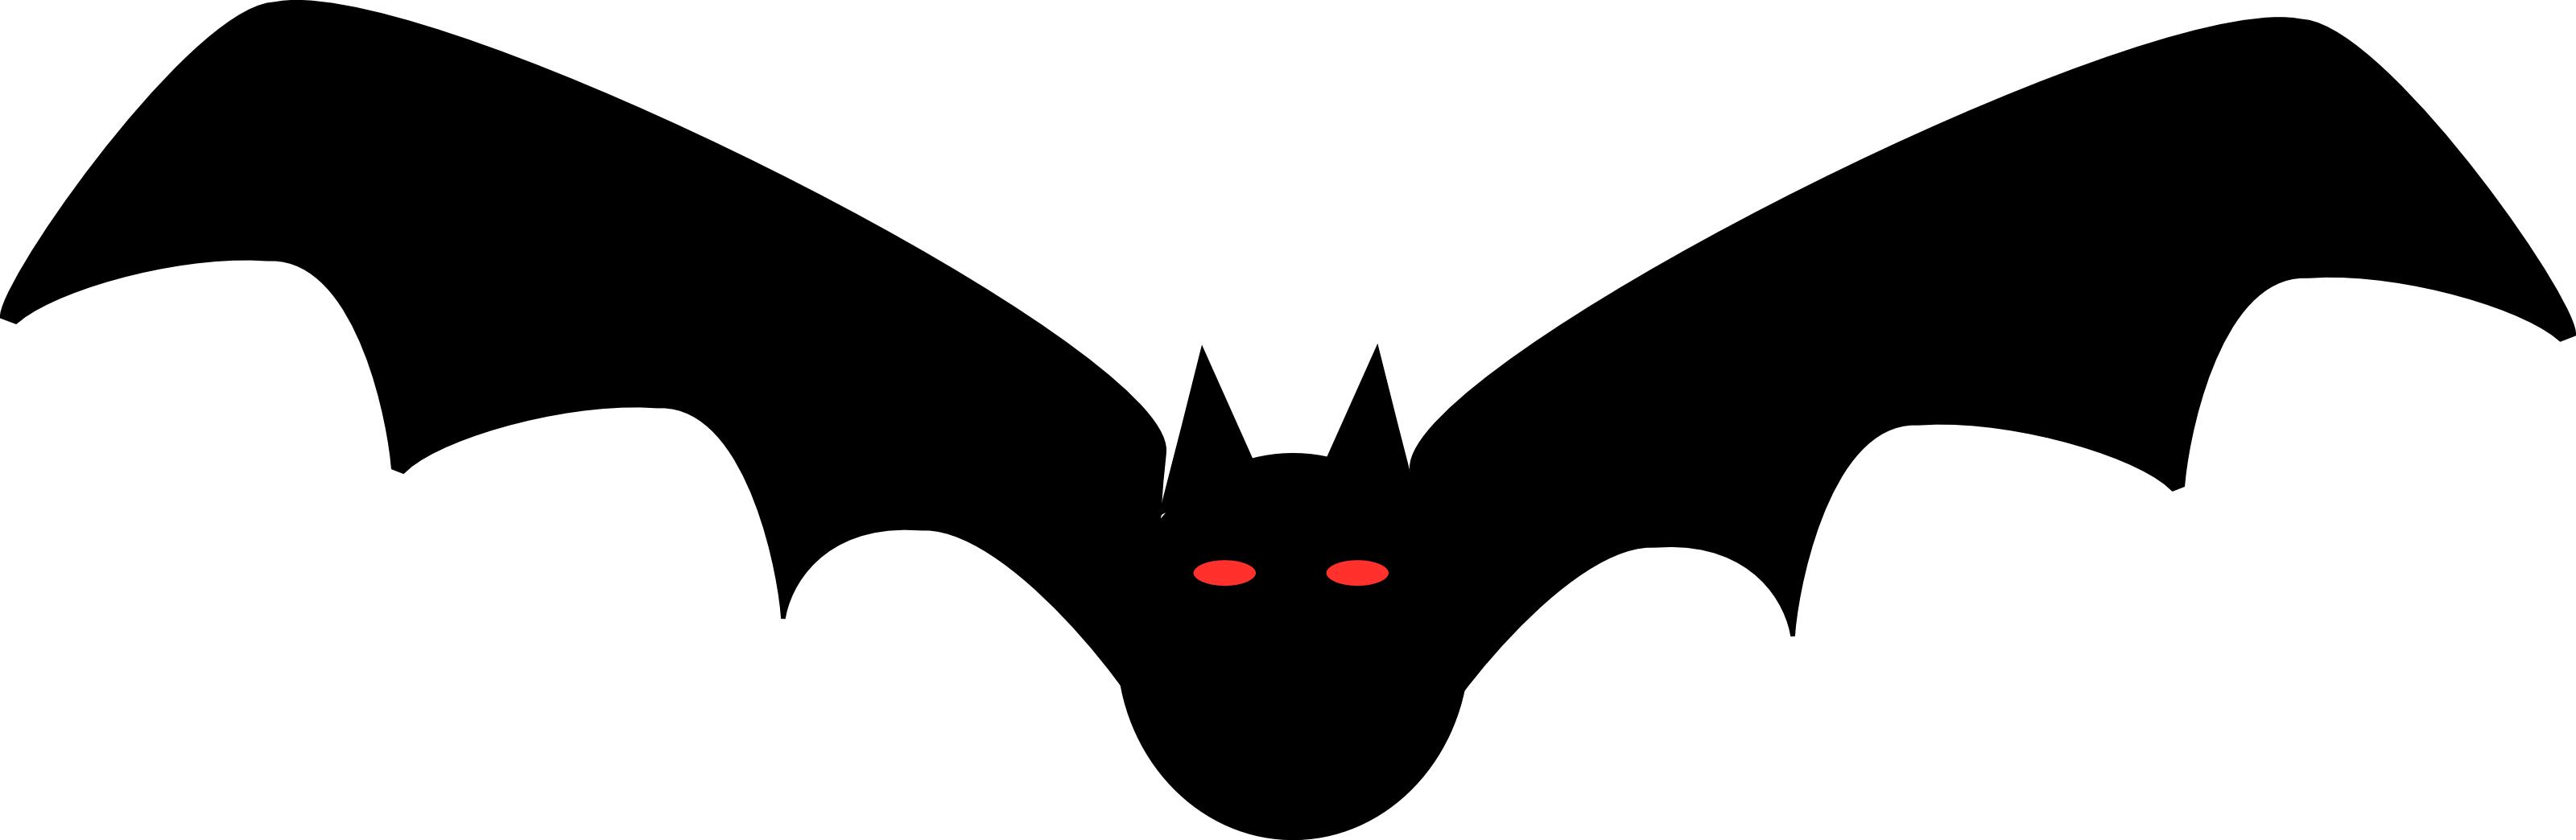 Cliparti1 bat clip art